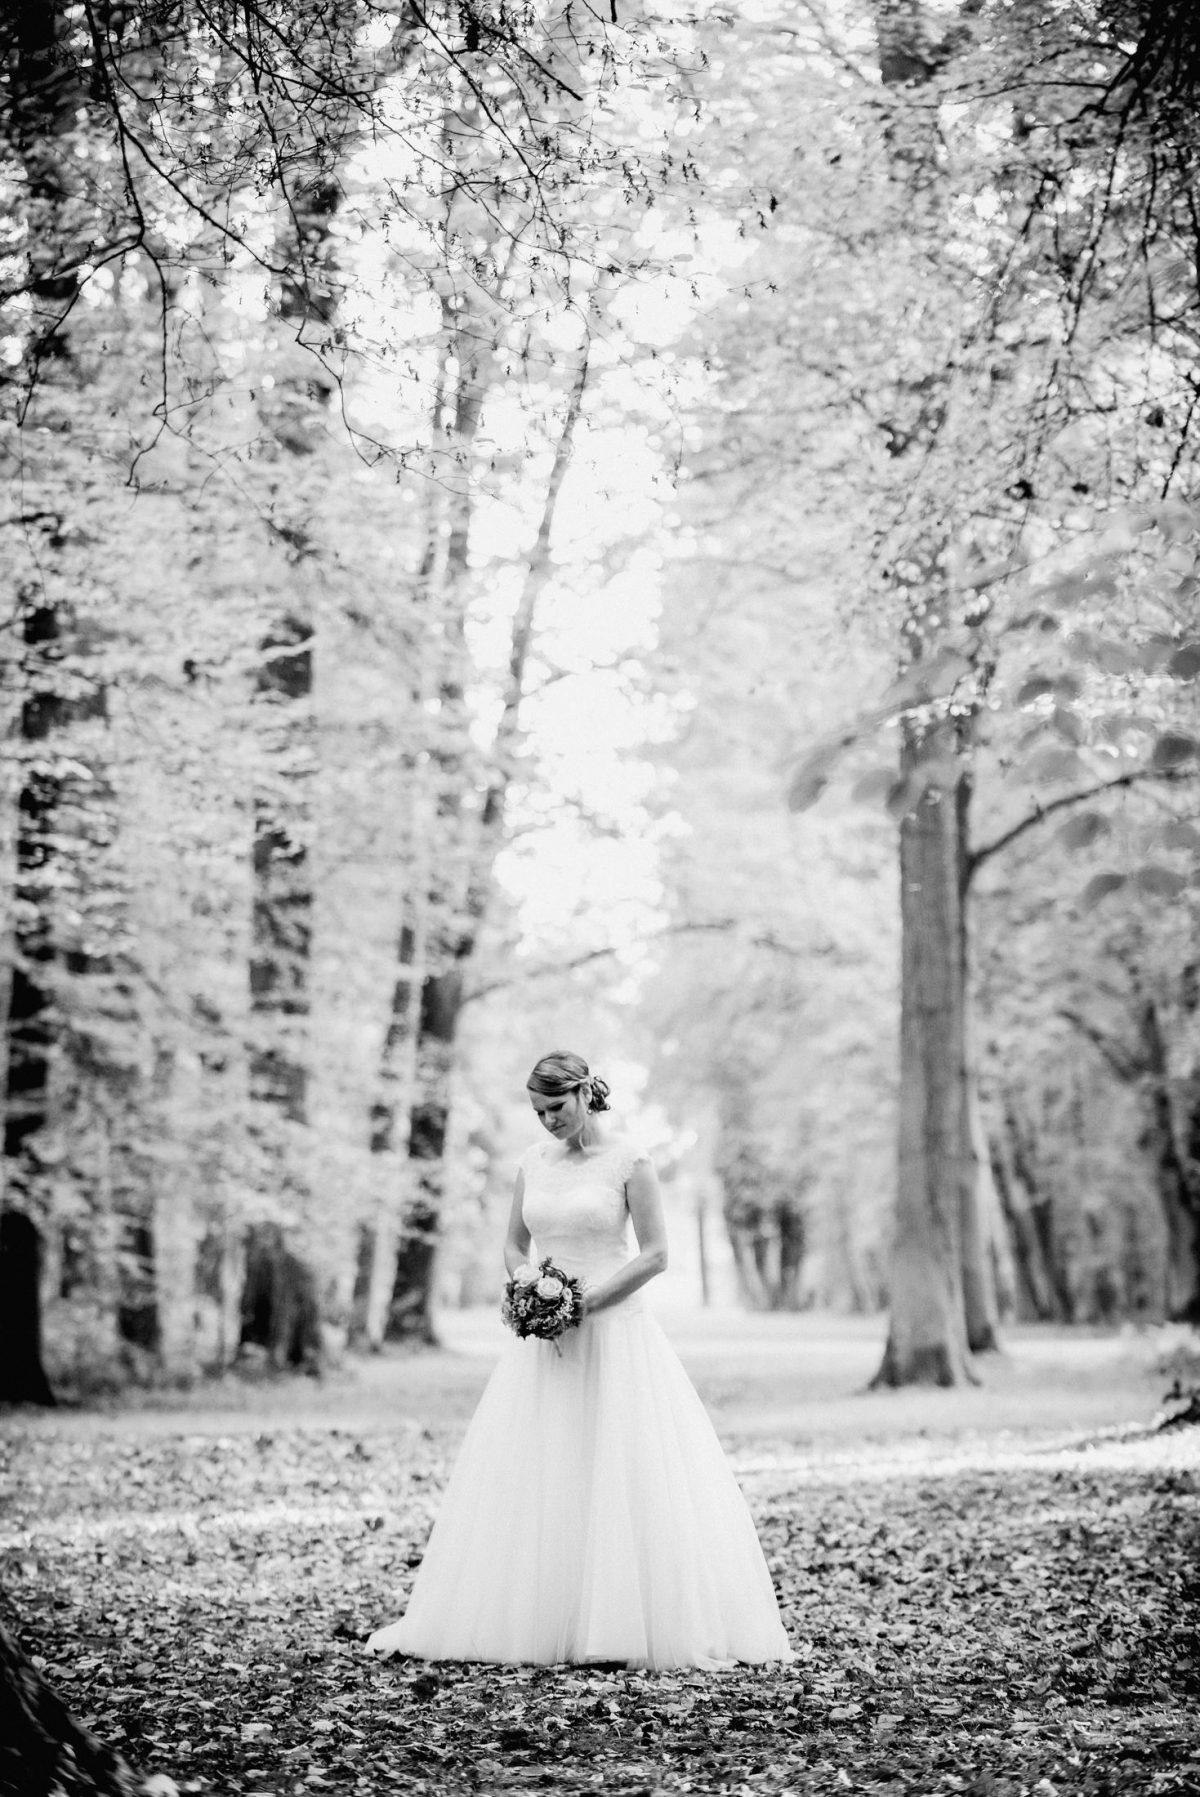 Braut Mitte Wald Bäume schwarz weiß Blumen andächtig romantisch